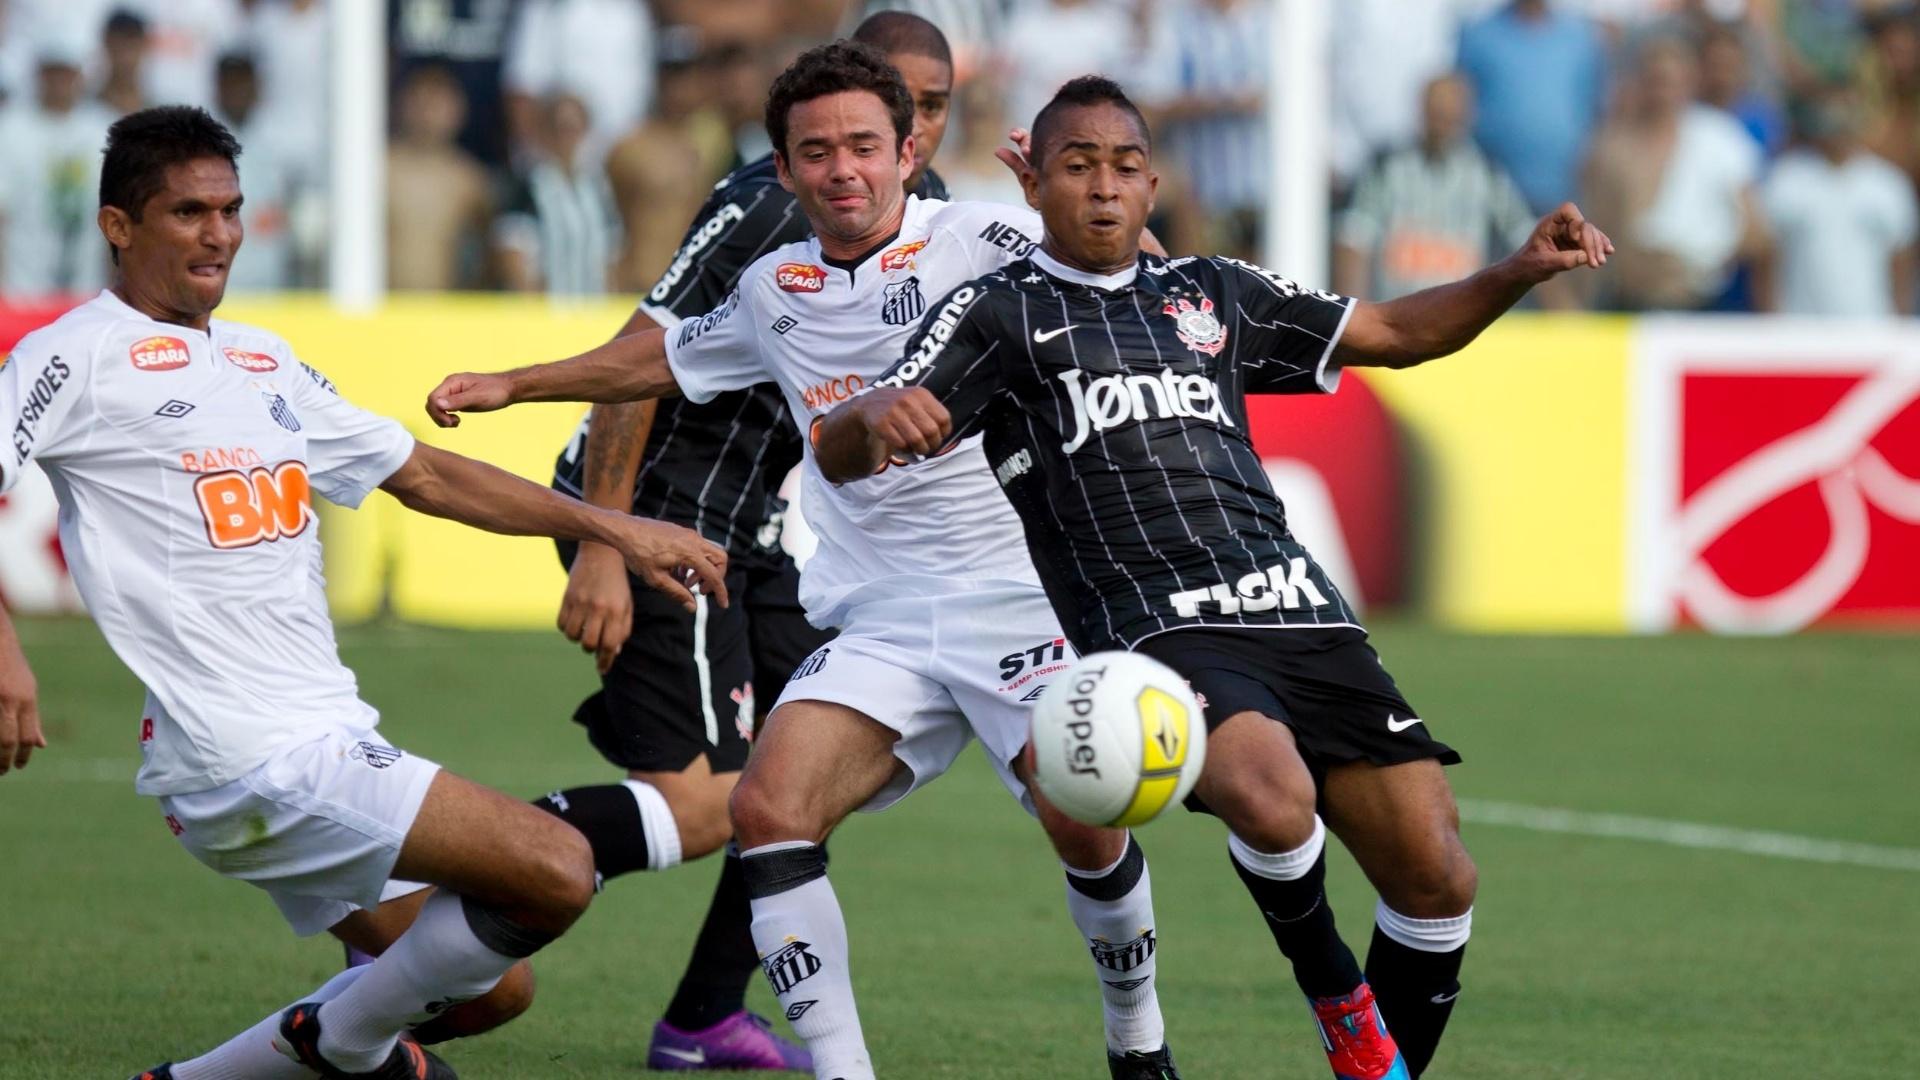 Durval e Juan disputam bola com o atacante Jorge Henrique, do Corinthians, em jogo do Paulistão